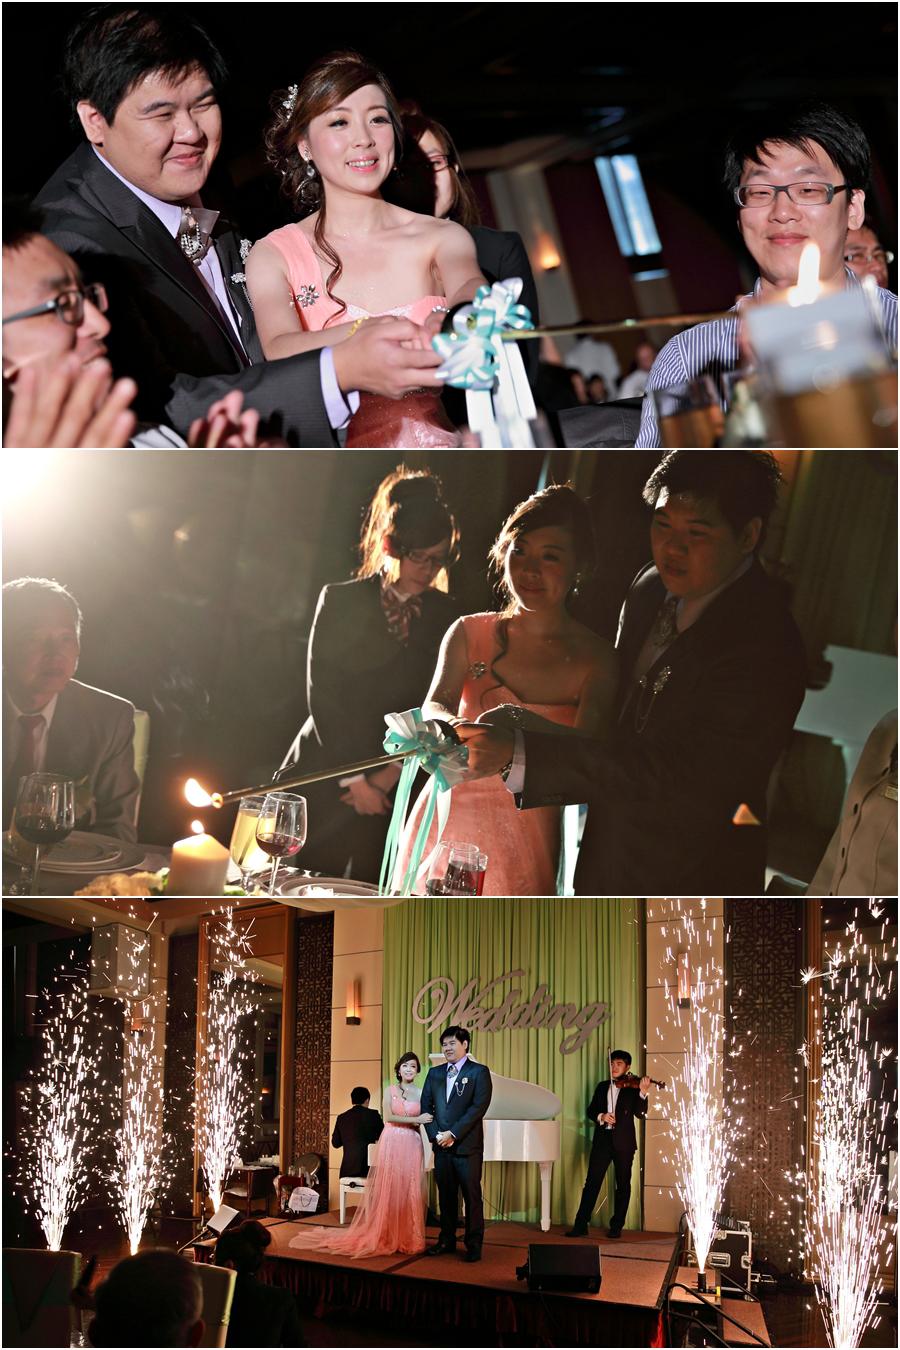 婚攝,婚禮記錄,搖滾雙魚,麗庭莊園